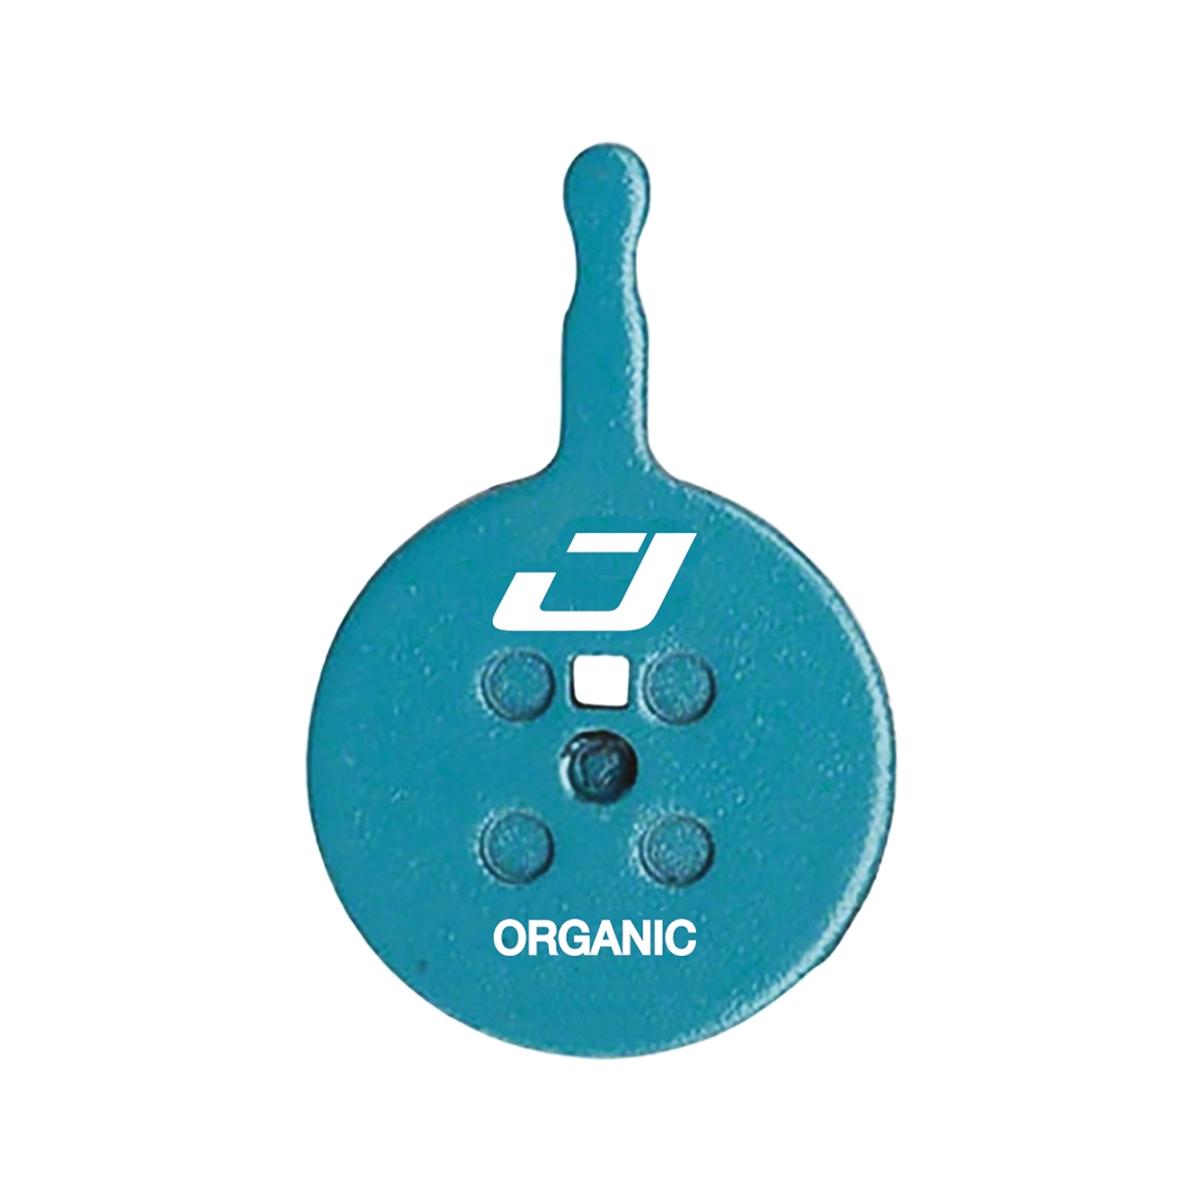 Coppia Pastiglie Freno A Disco Sport Organica Promax / Sram / Avid